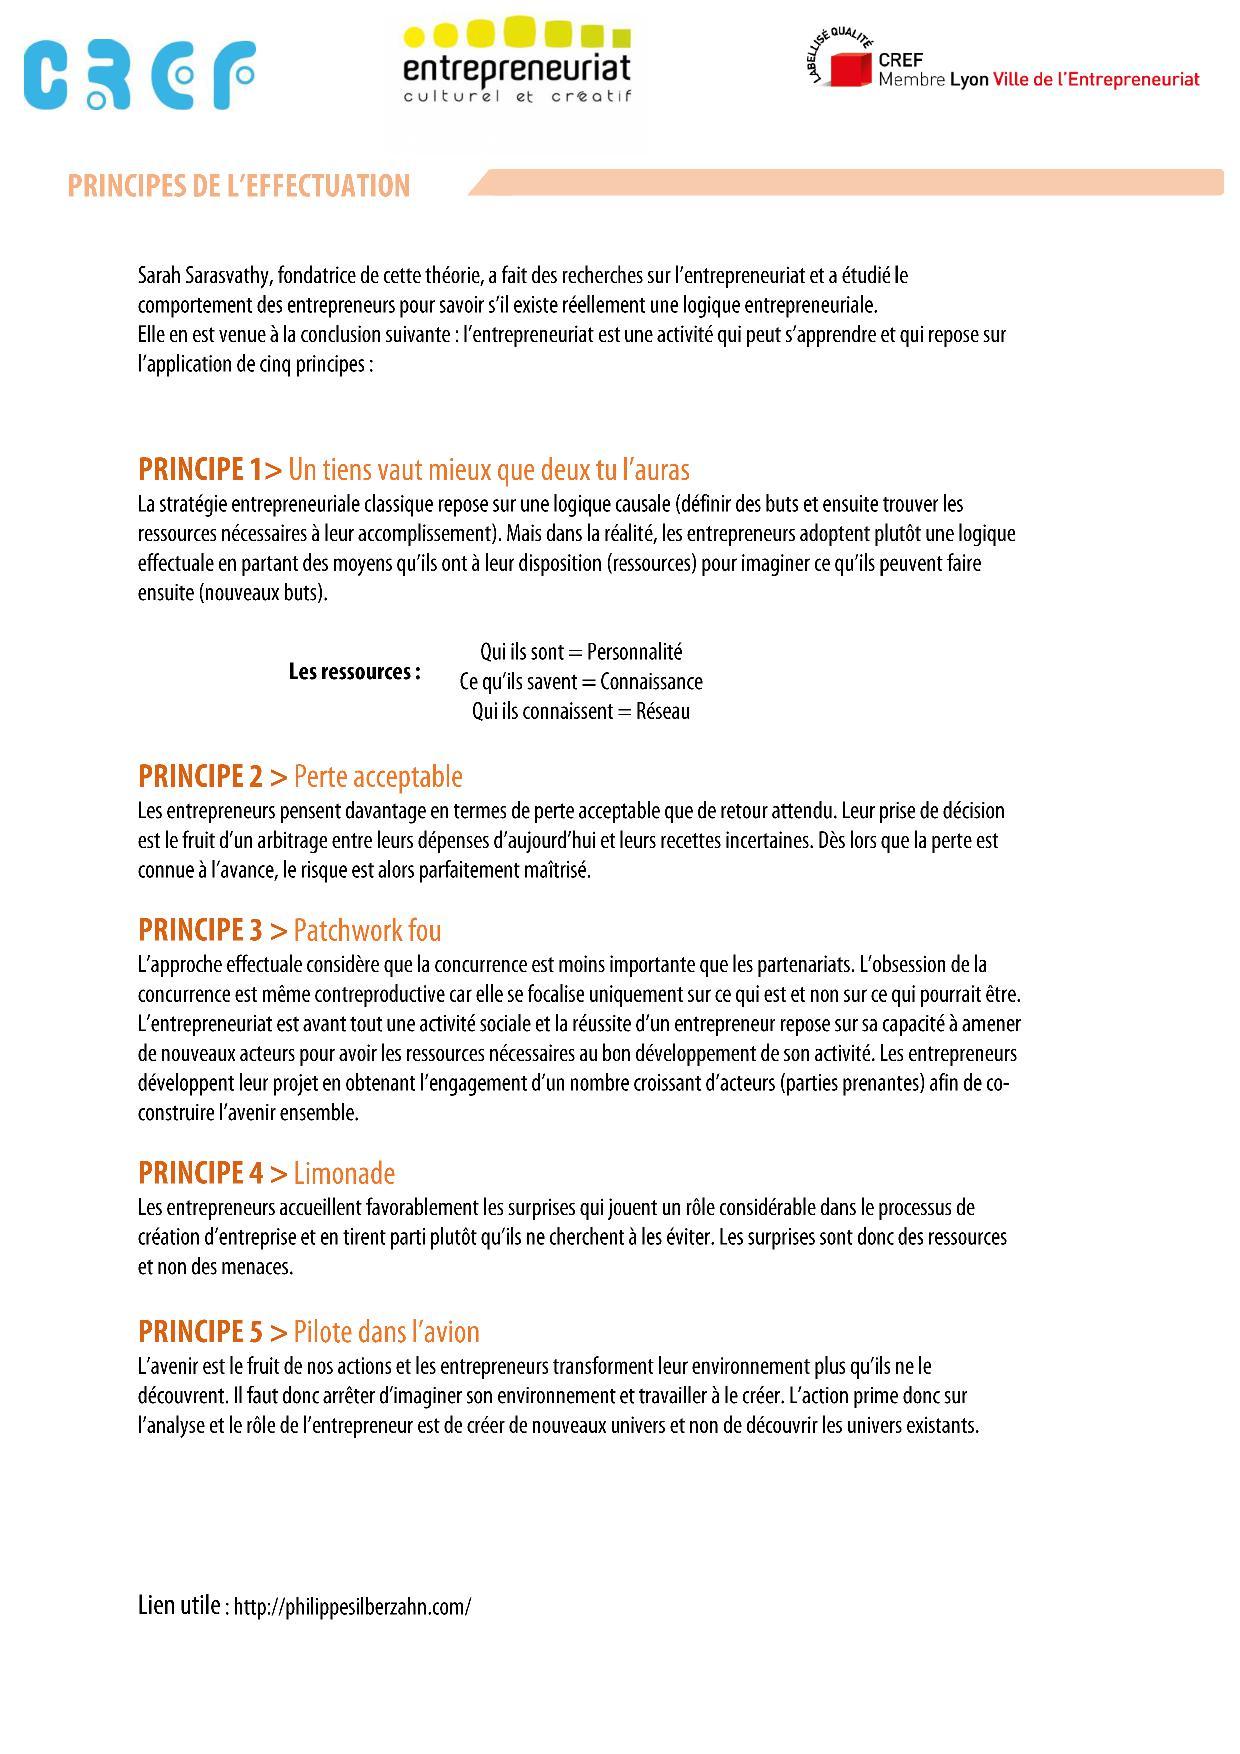 Fiche-memo-conference-effectuation2